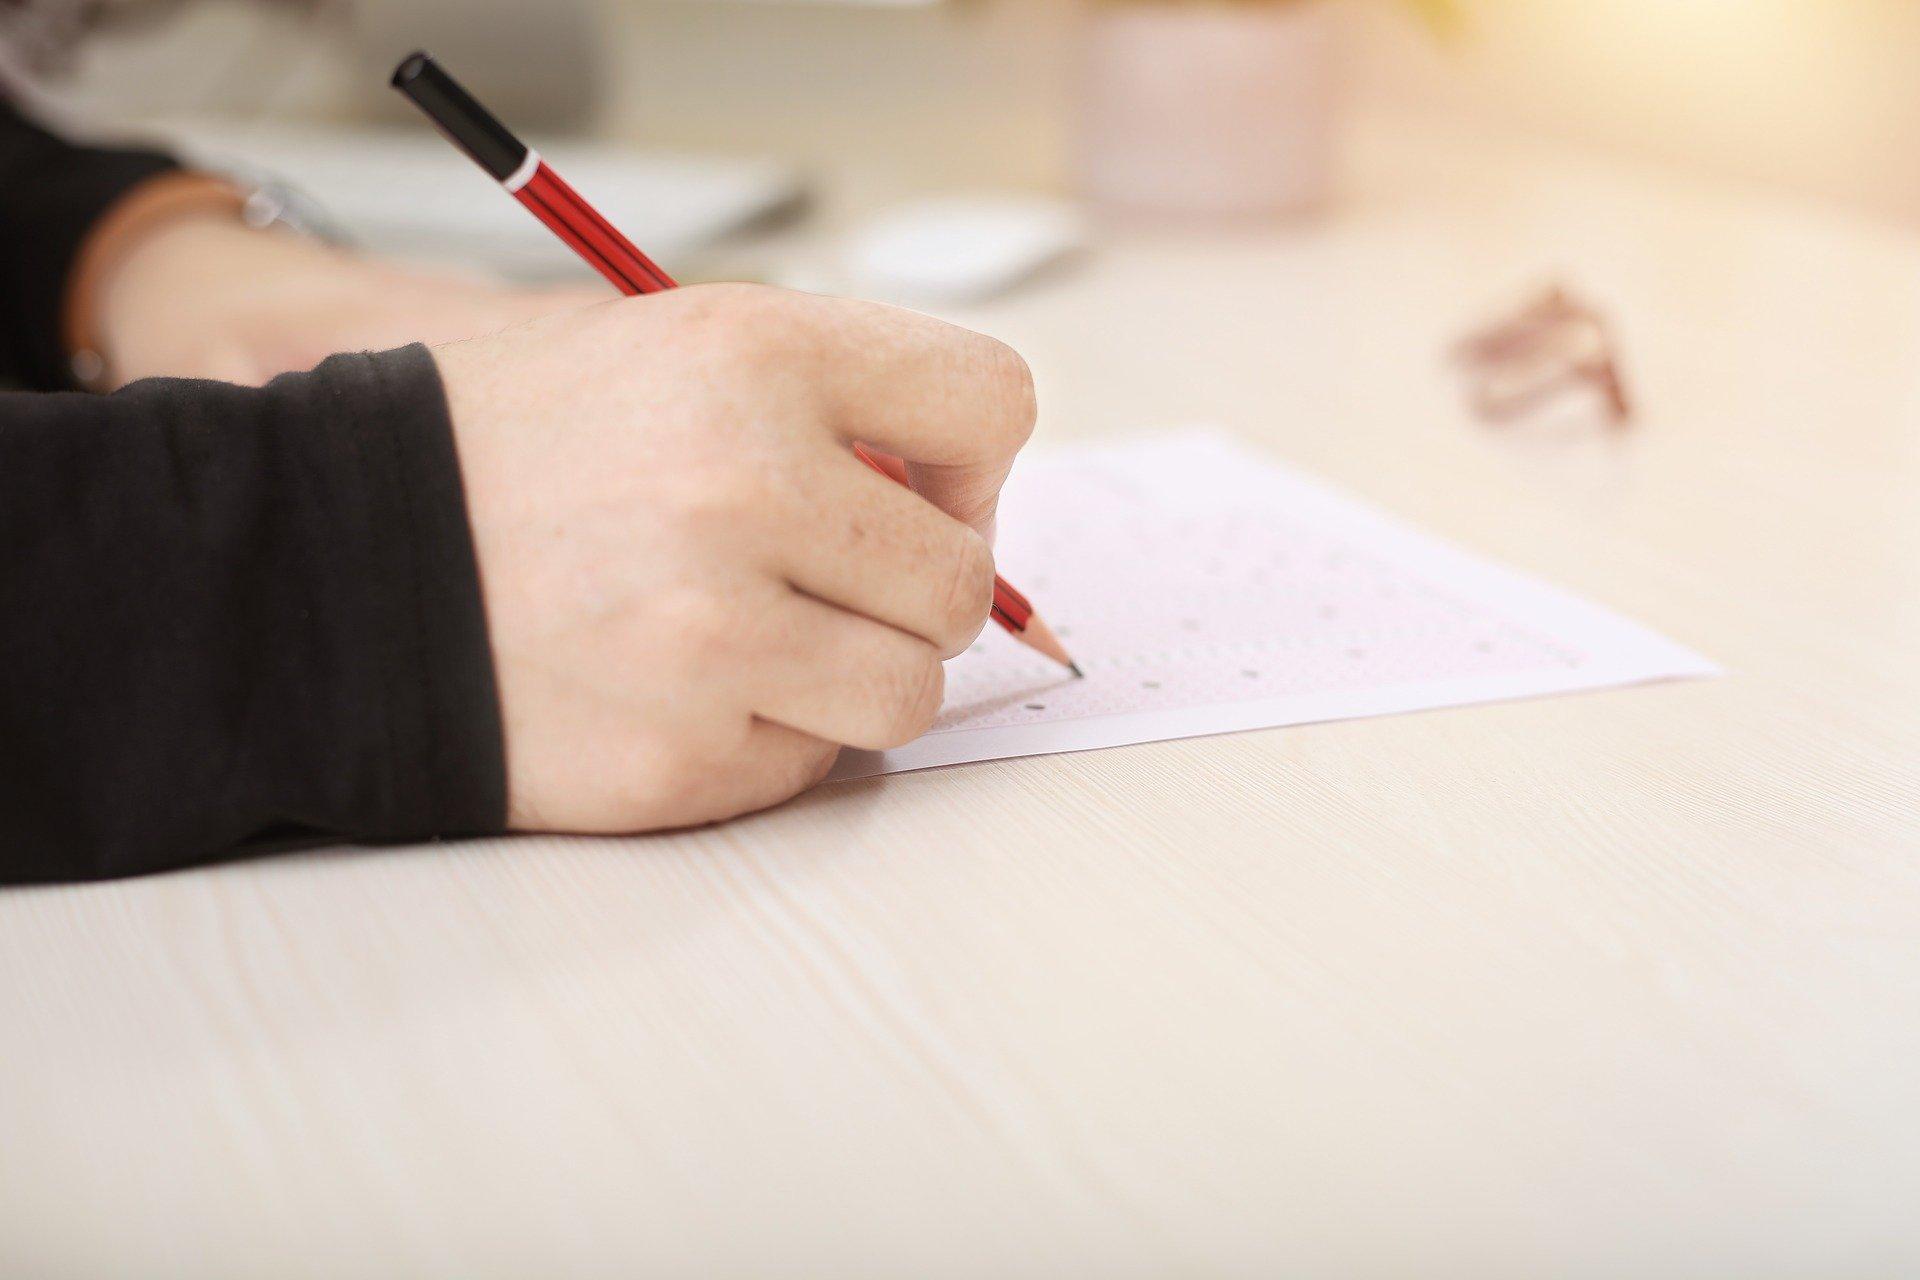 В России могут появиться бесплатные репетиторы для подготовки школьников к экзаменам